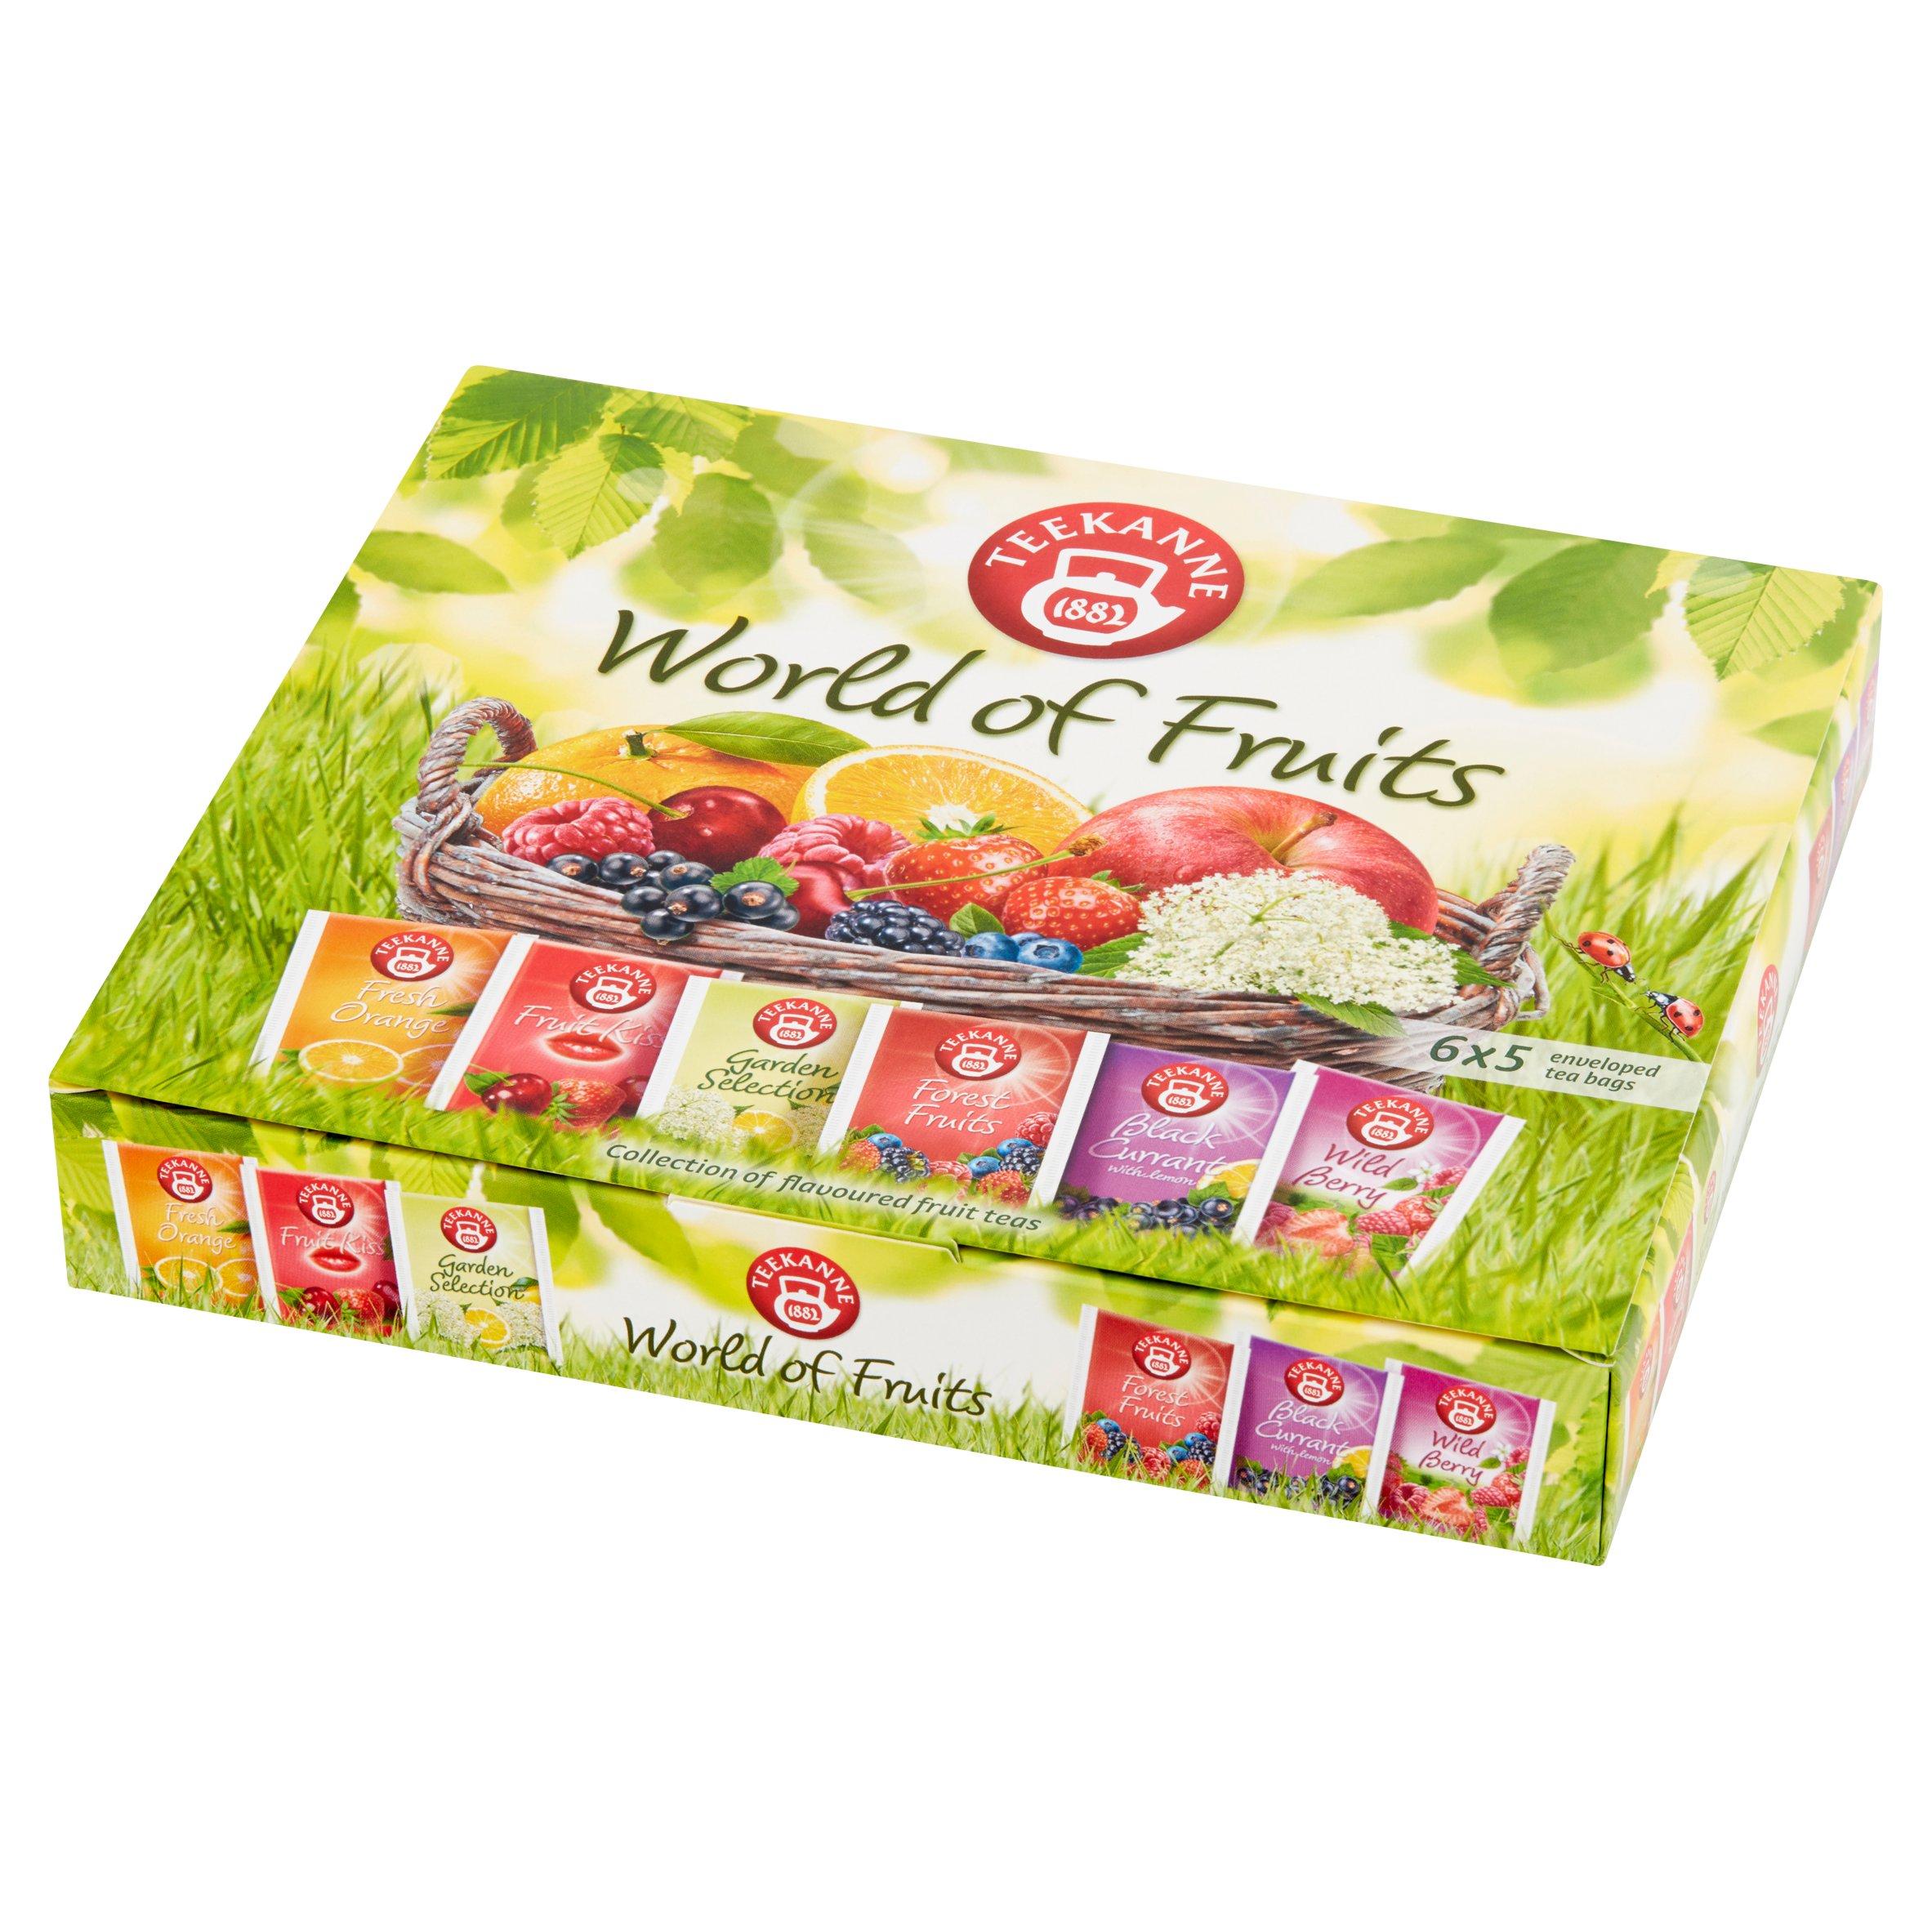 Teekanne World of Fruits Aromatyzowana mieszanka herbatek owocowych 70g (6x5tor) (3)